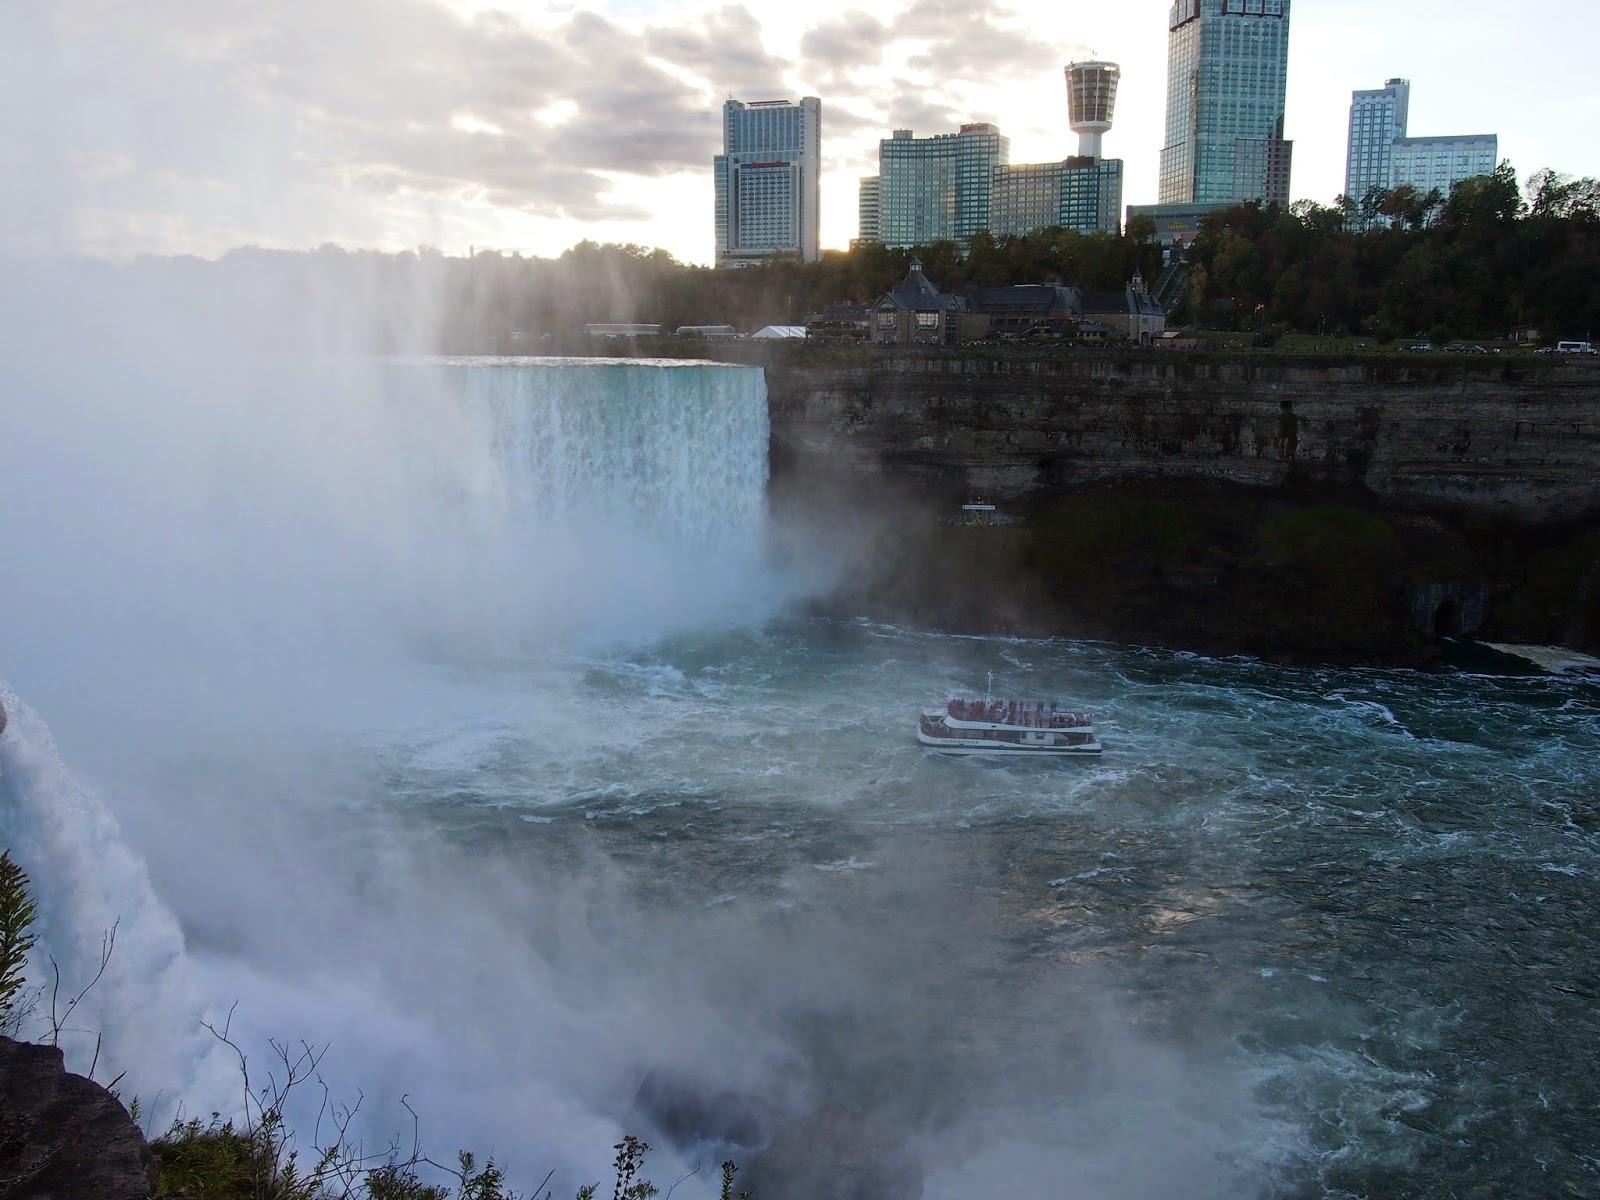 アメリカ側からのナイアガラの滝:カナダ側ホテル街